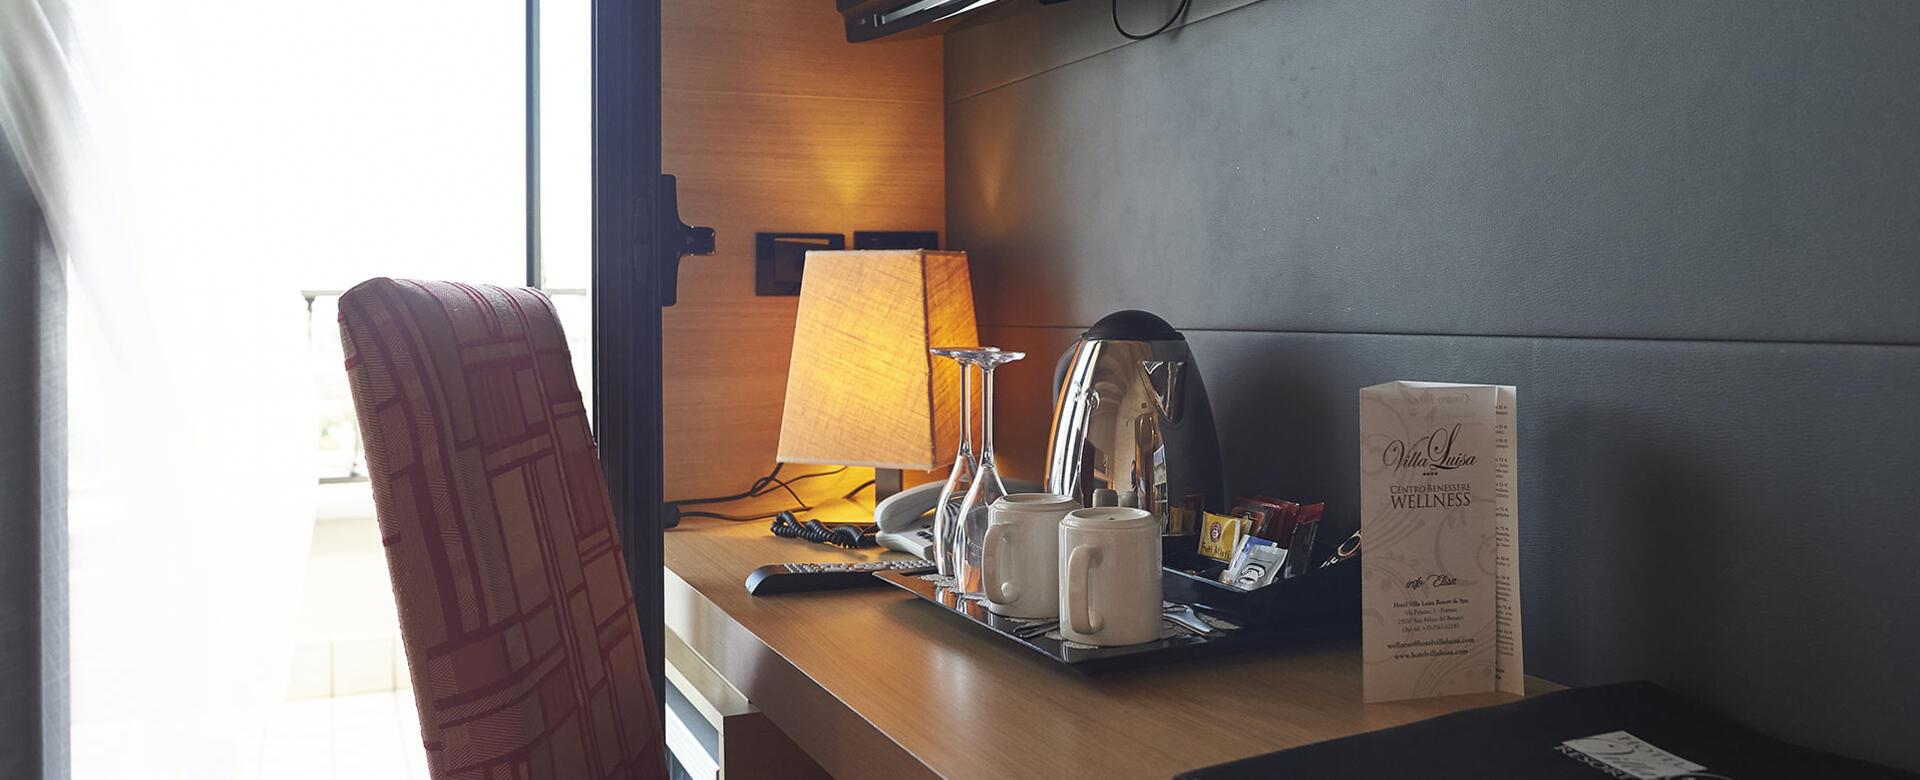 hotelvillaluisa en rooms 004